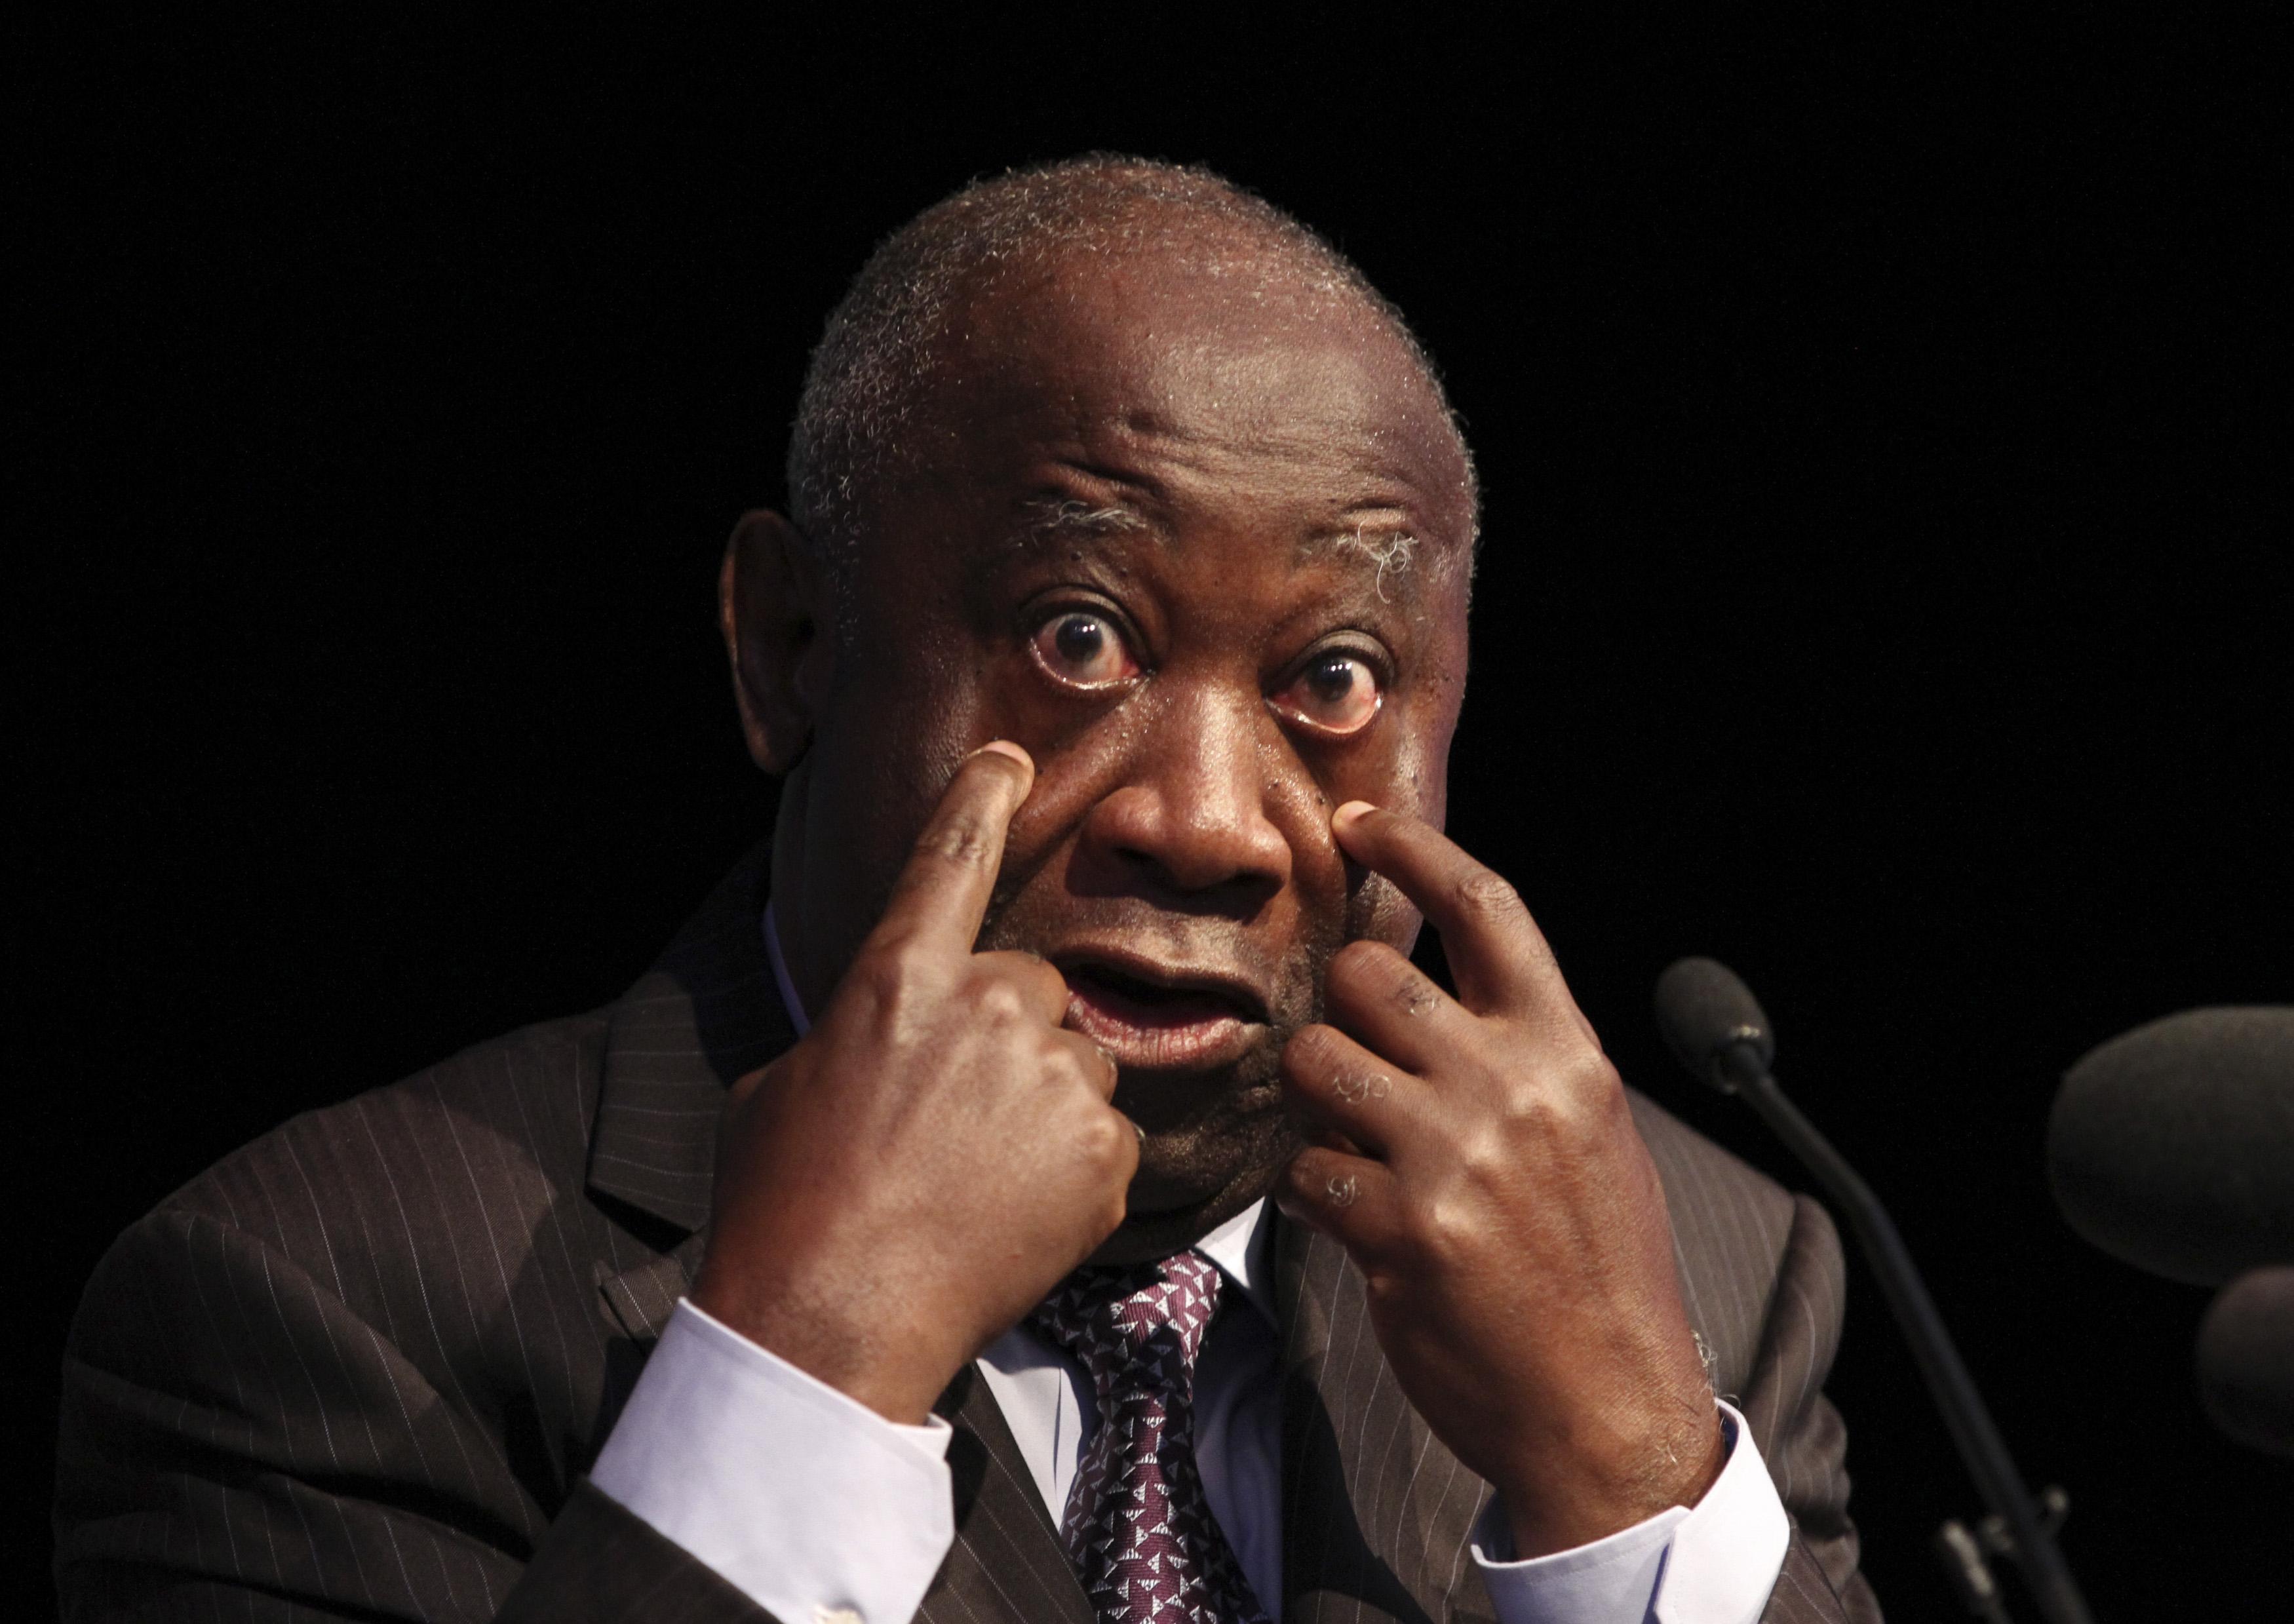 Opérations financières frauduleuses sur l'axe Abidjan-Dakar : Gbagbo, le prétexte pour blanchir 7 milliards à Dakar